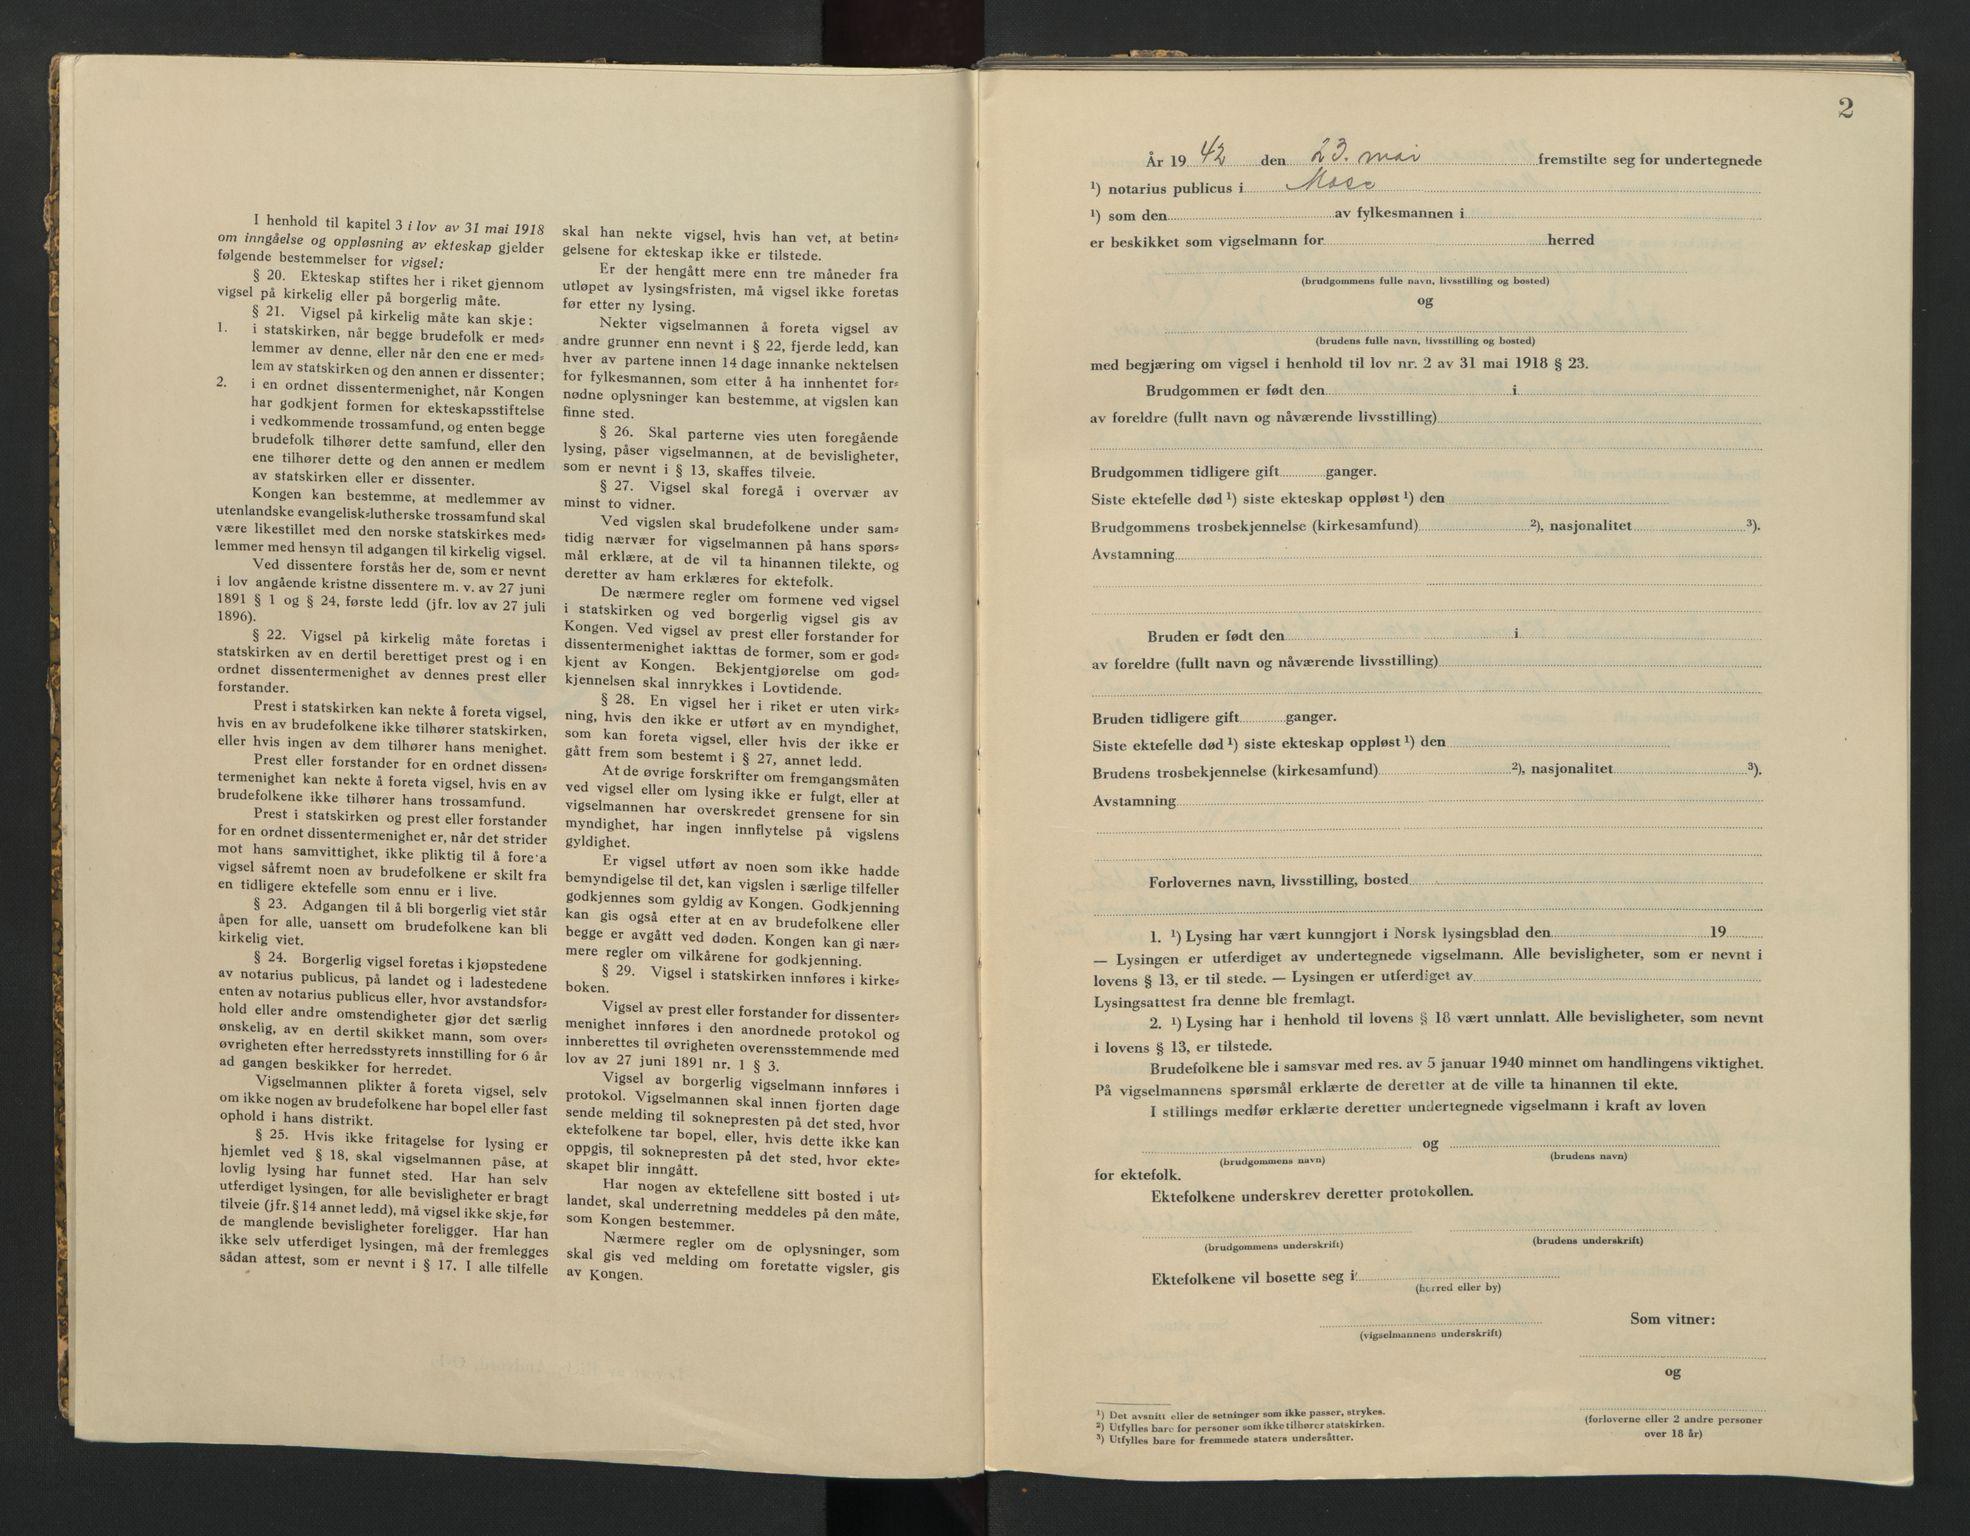 SAO, Moss sorenskriveri, 1942-1943, p. 2